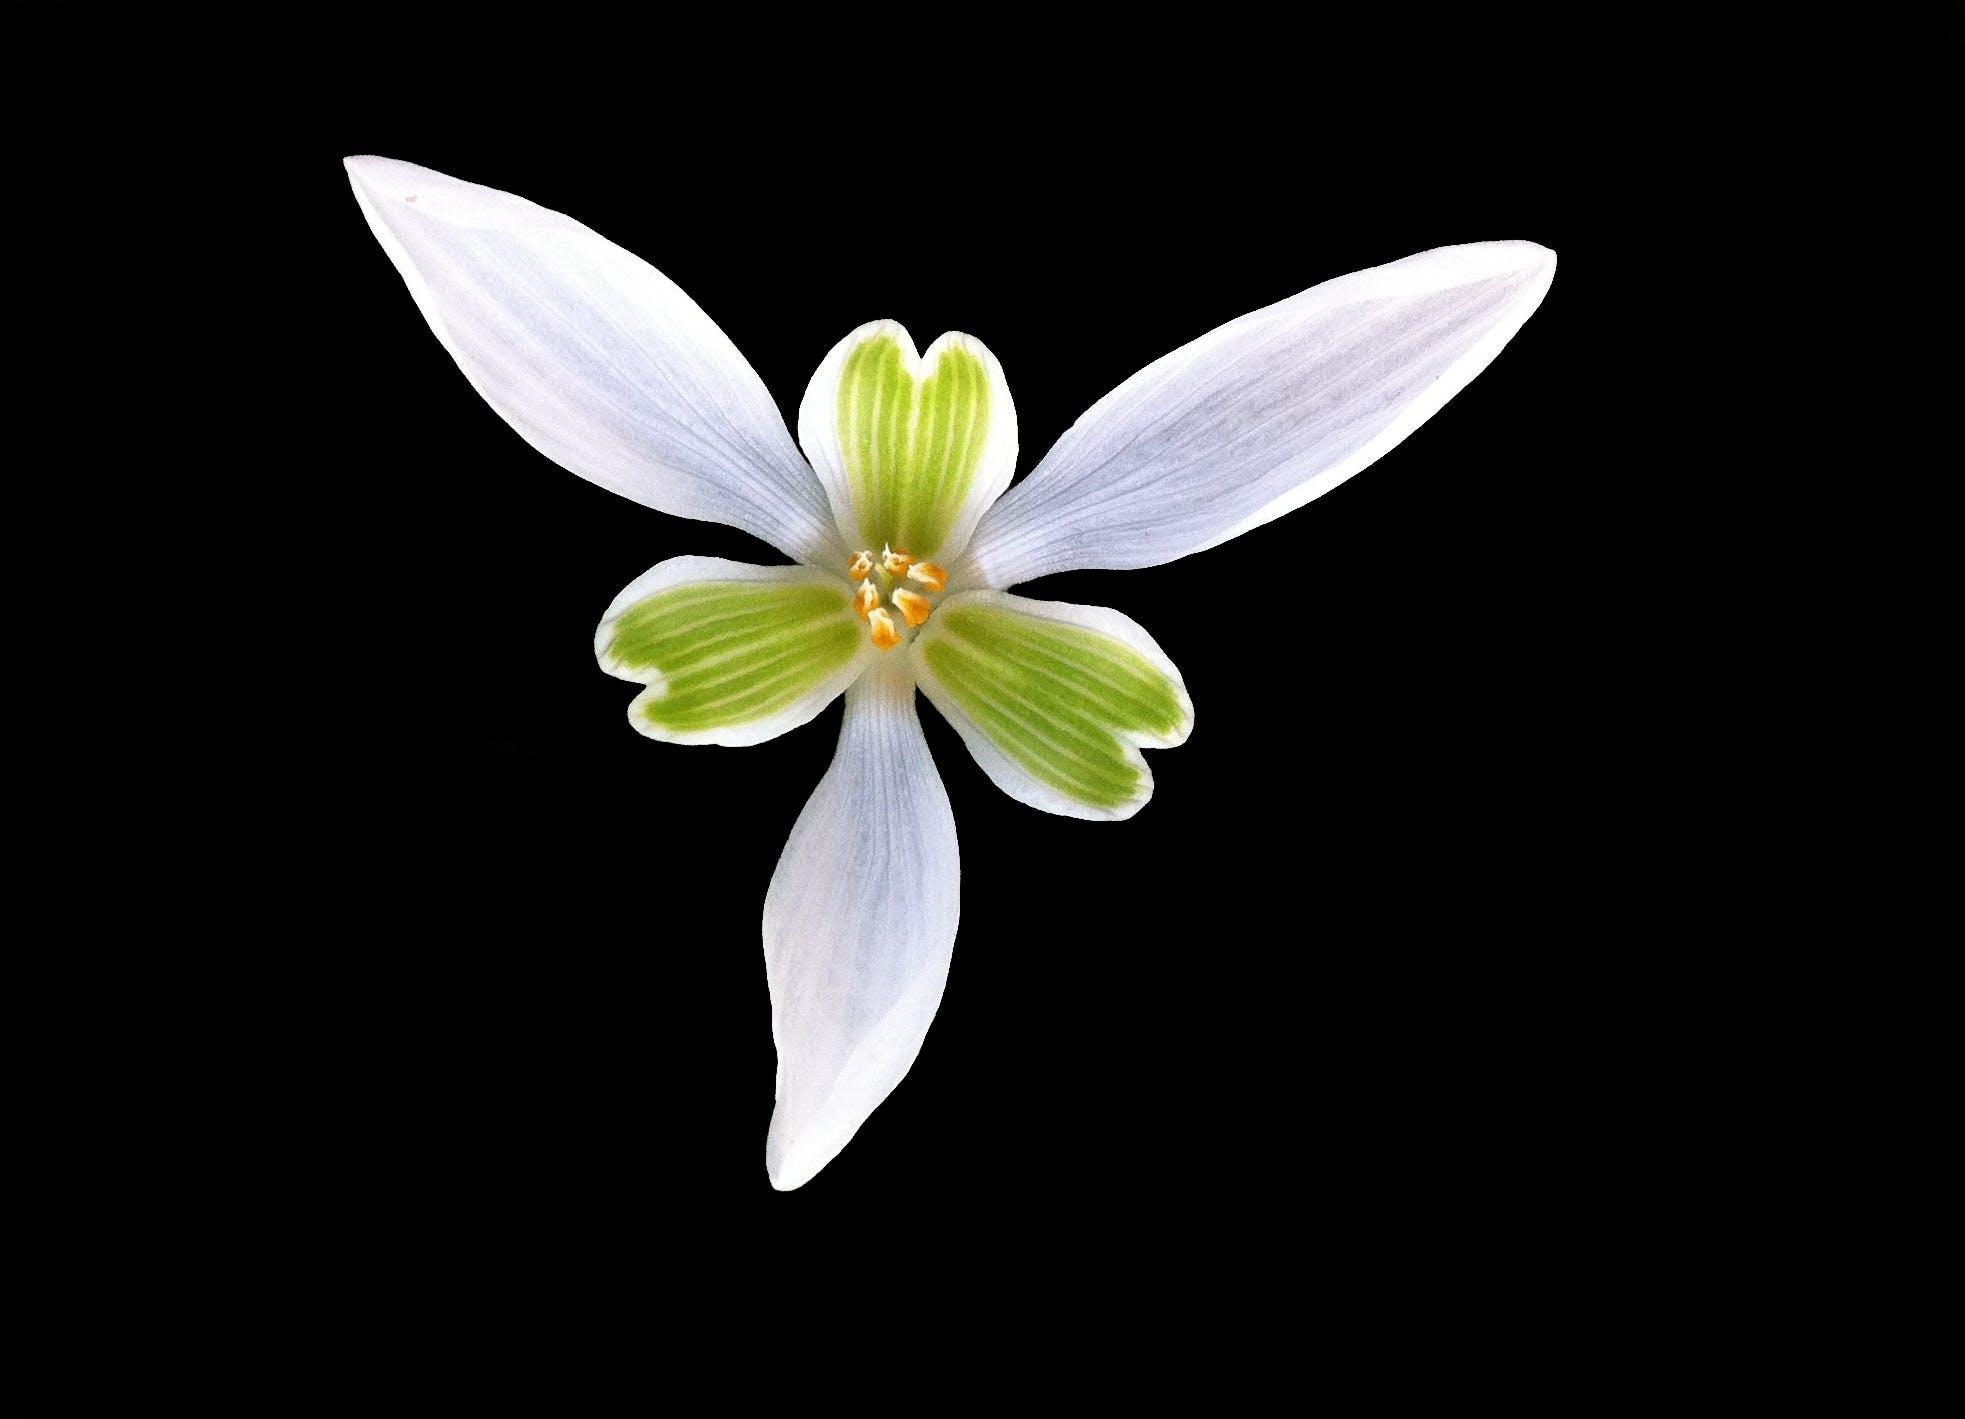 Green White Flower 6 Petal